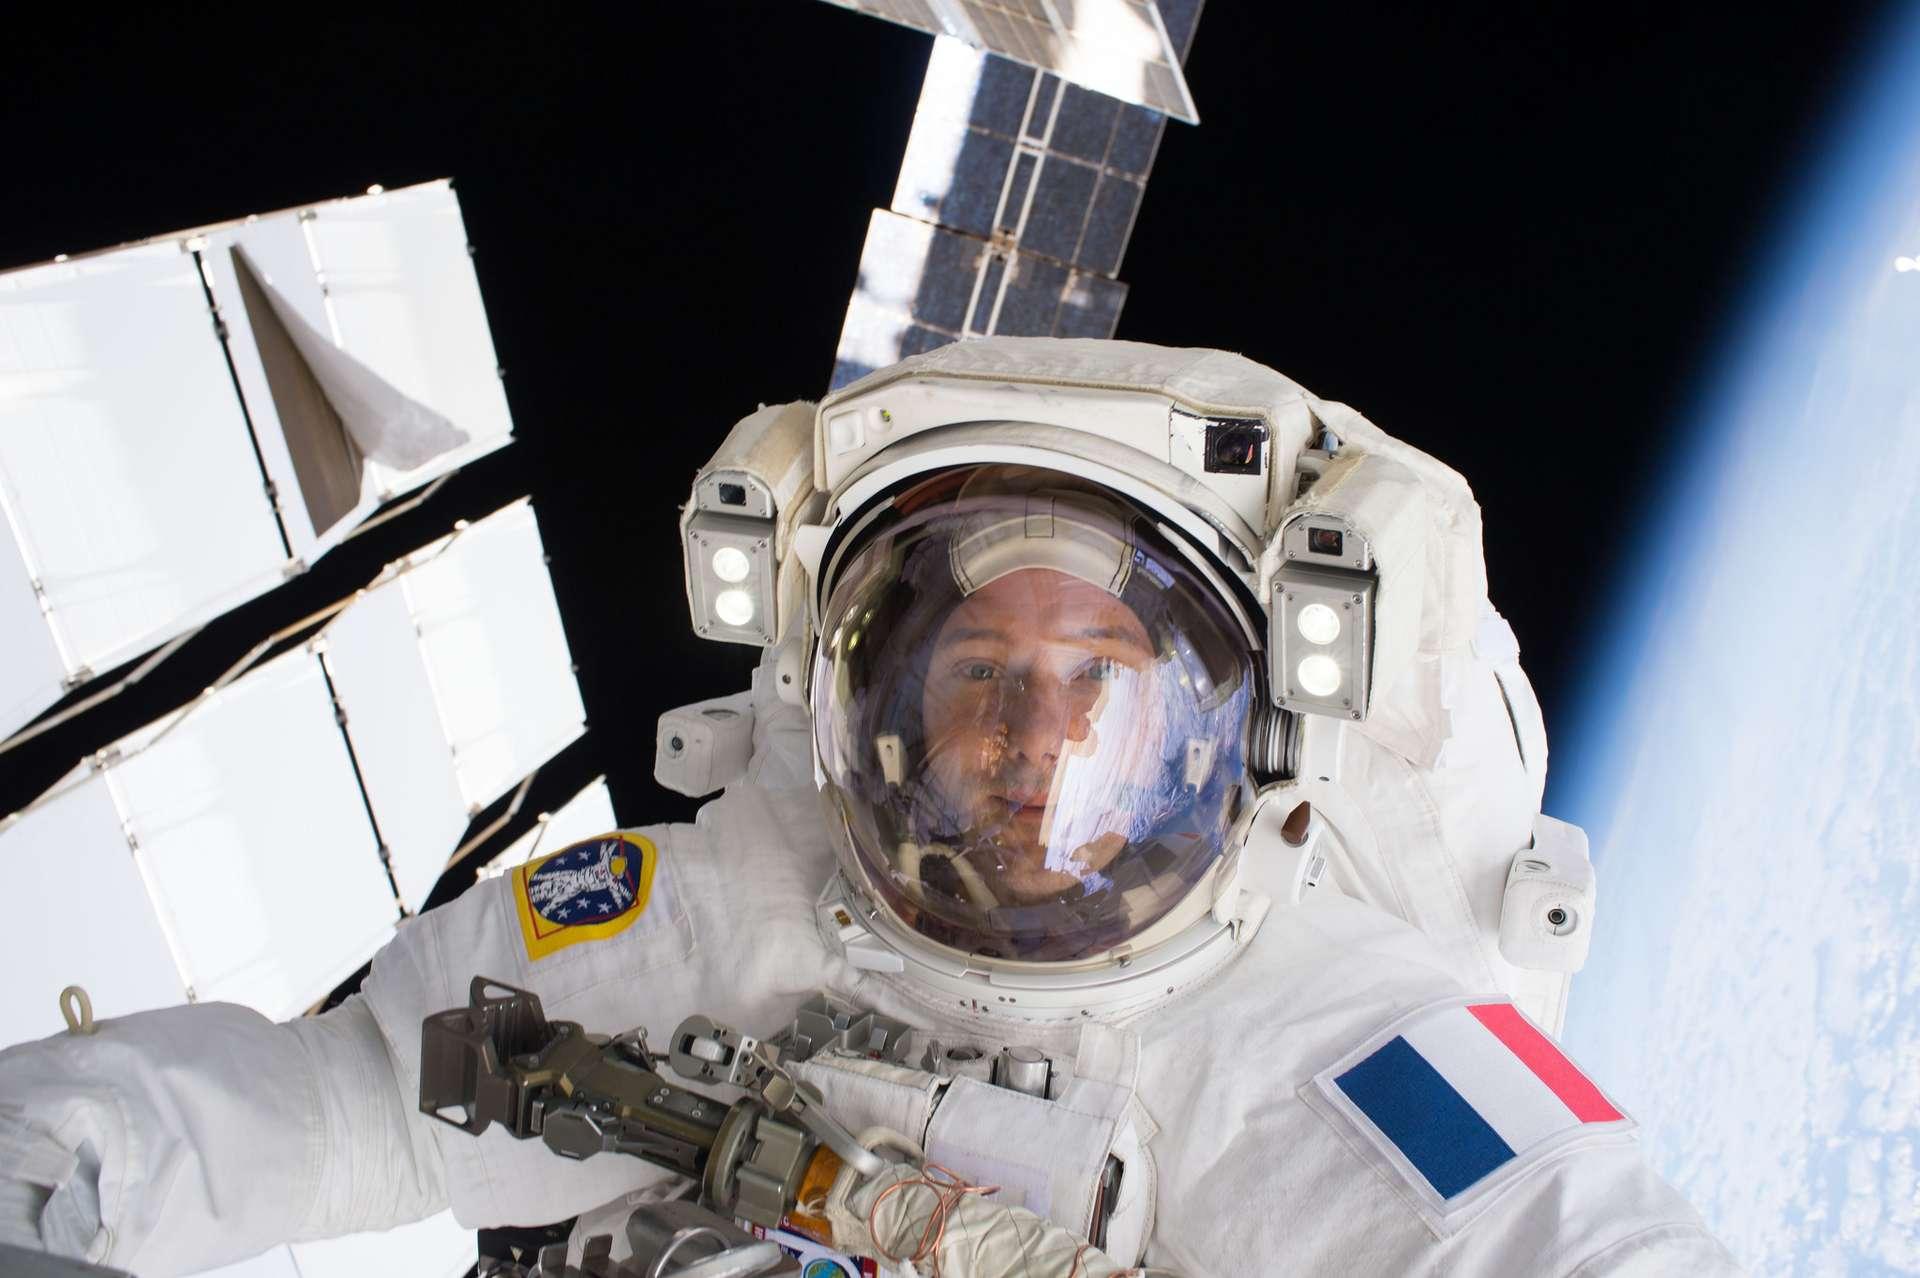 Thomas Pesquet lors de sa sortie dans l'espace. © ESA, Nasa